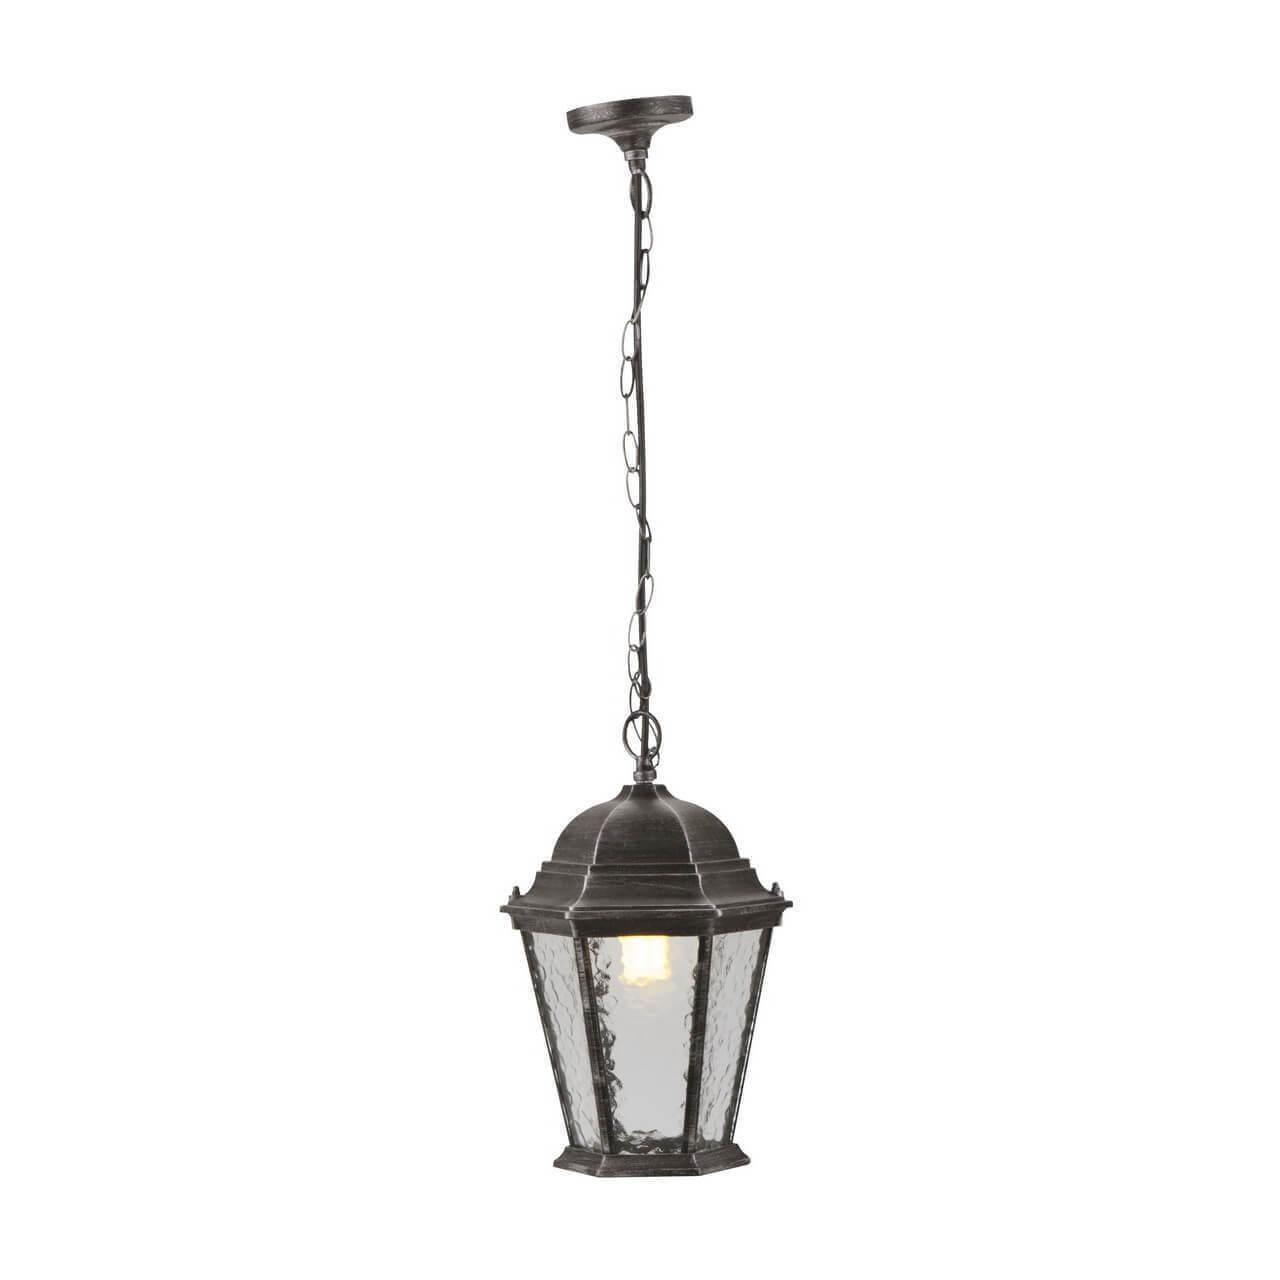 цена на Уличный подвесной светильник Arte Lamp Genova A1205SO-1BS